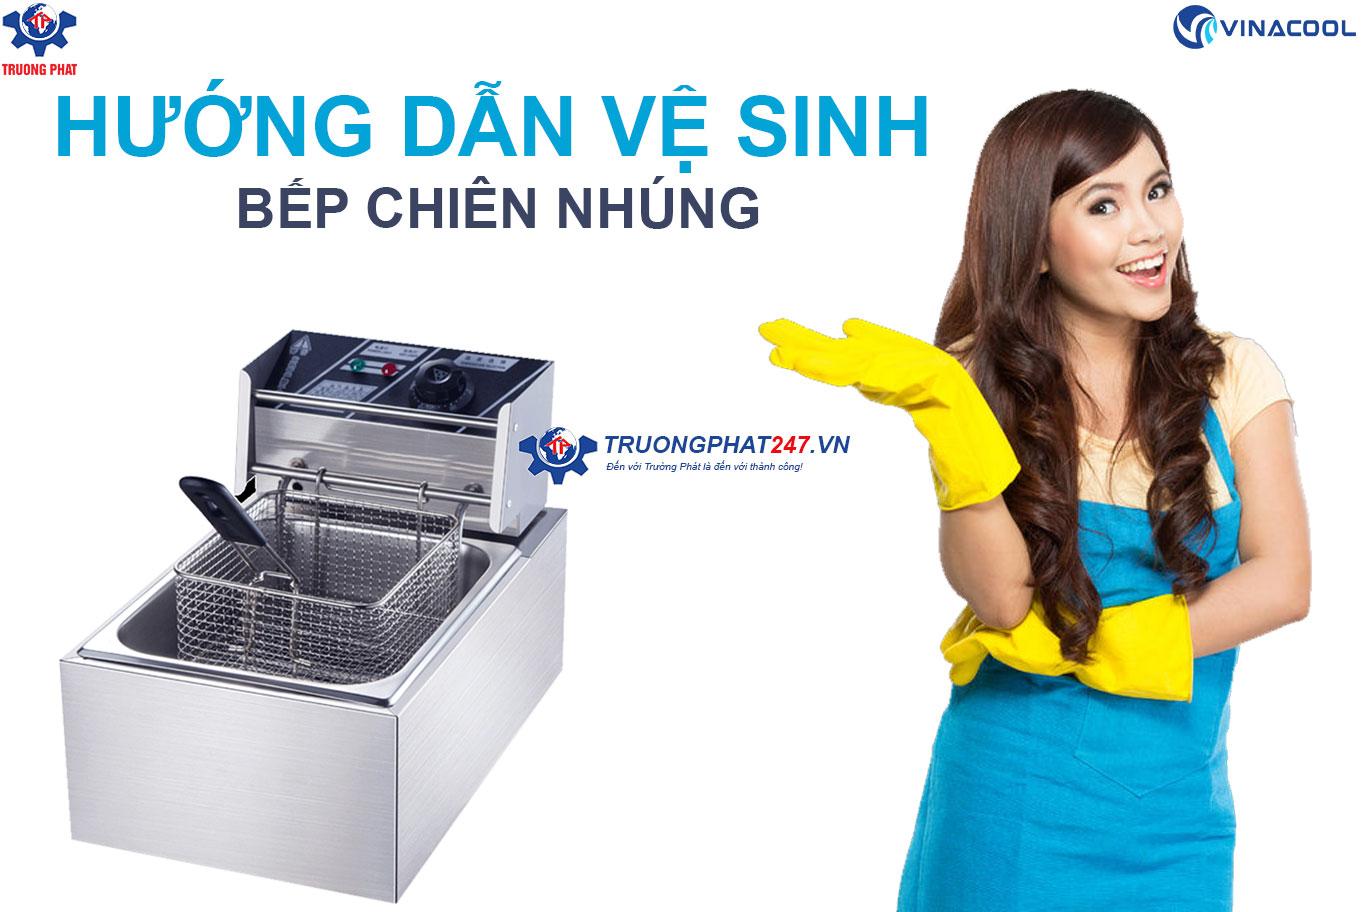 Hướng dẫn cách vệ sinh bếp chiên nhúng nhanh và hiệu quả nhất